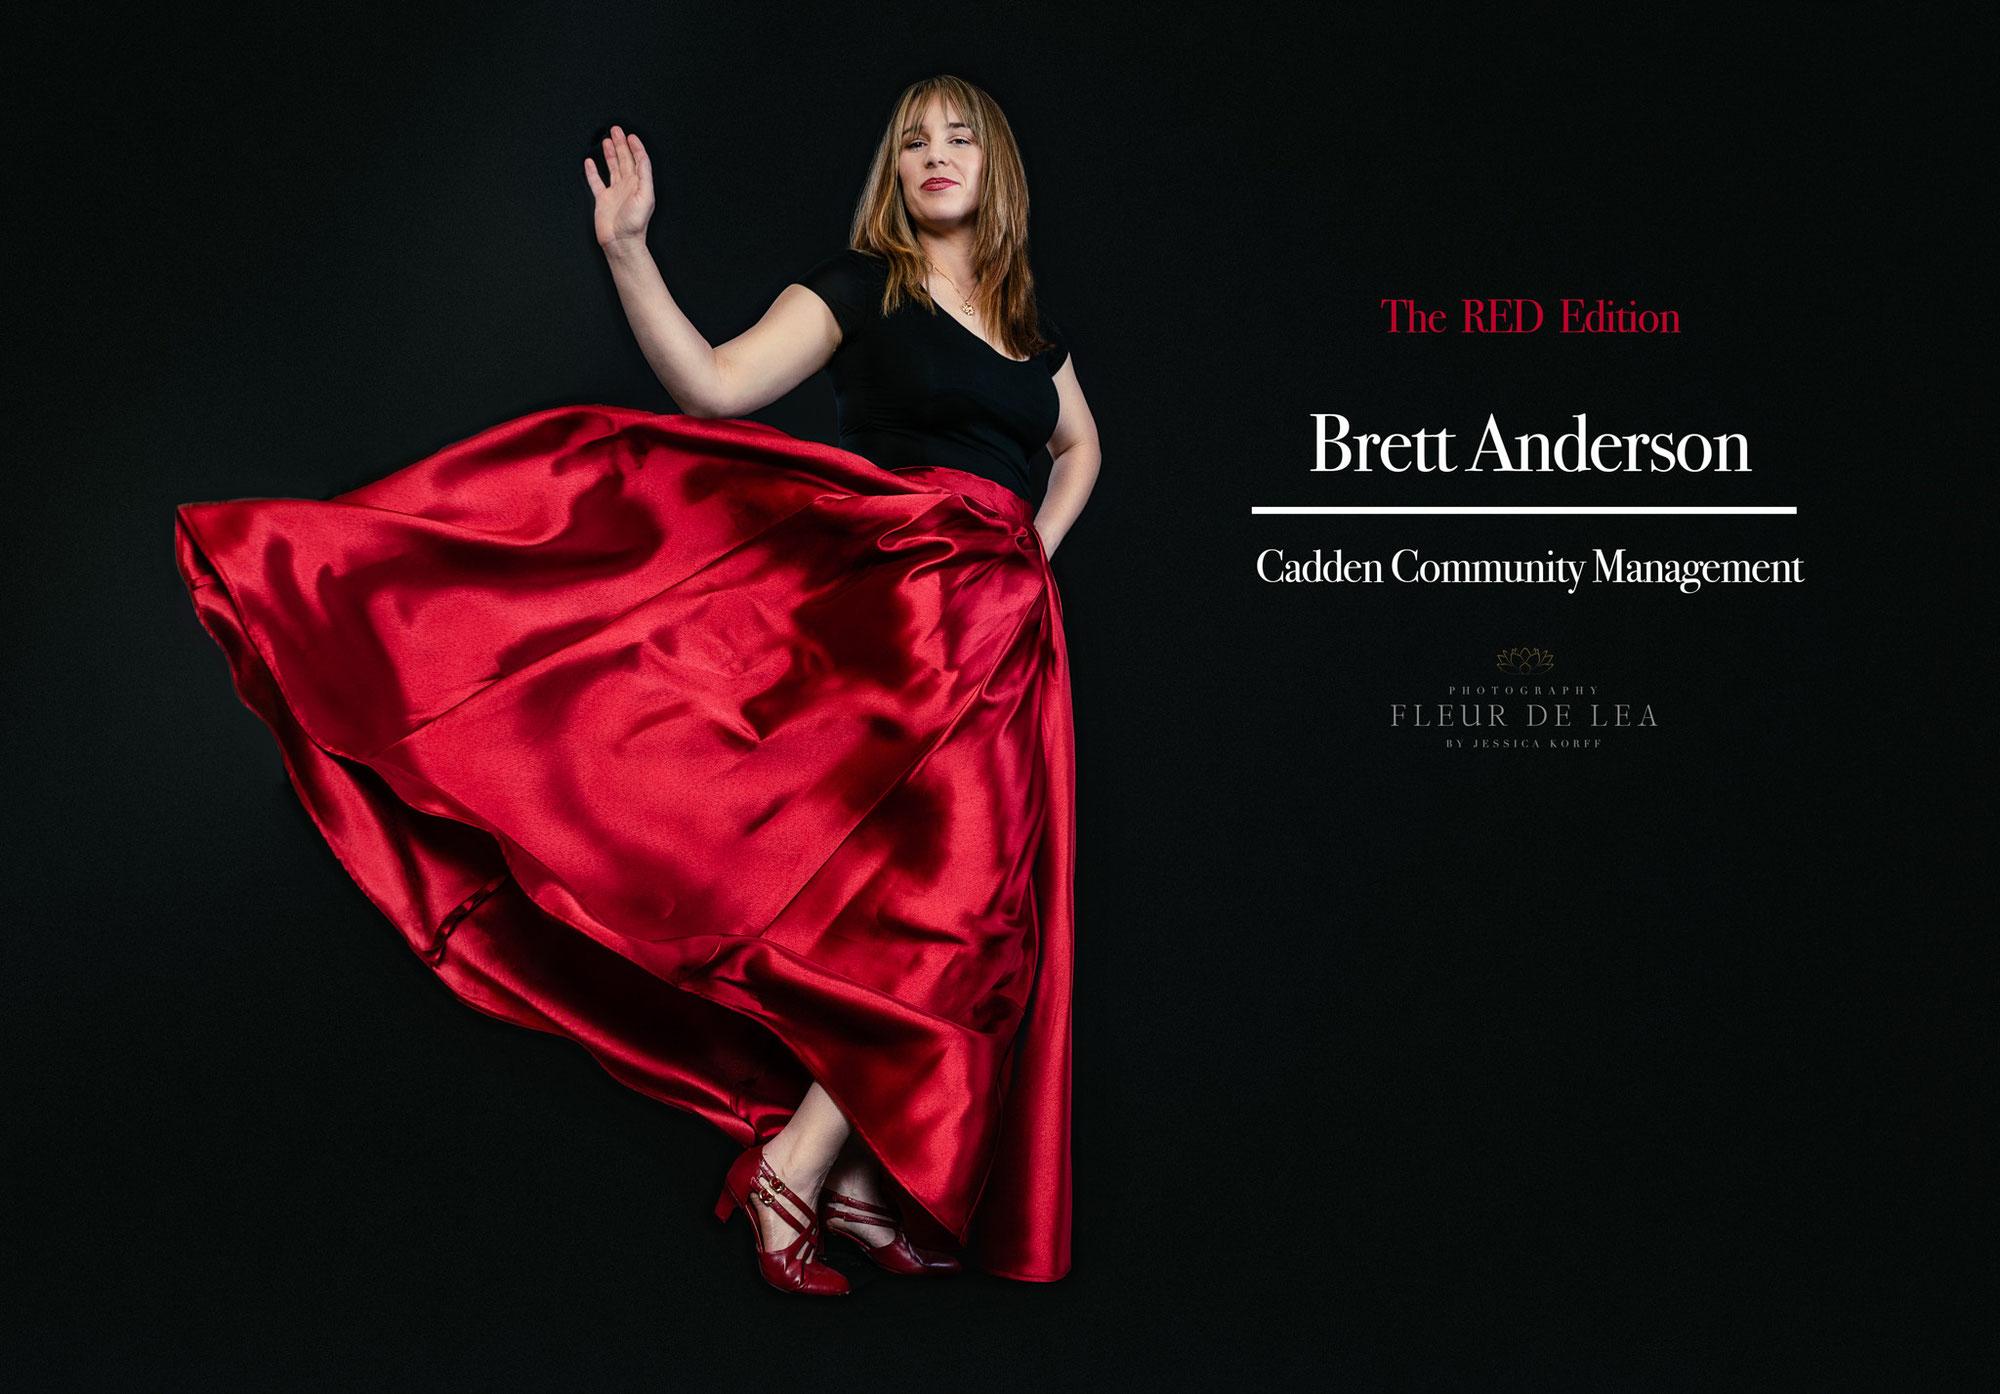 Brett Anderson | The RED Edition {Tucson, Arizona}